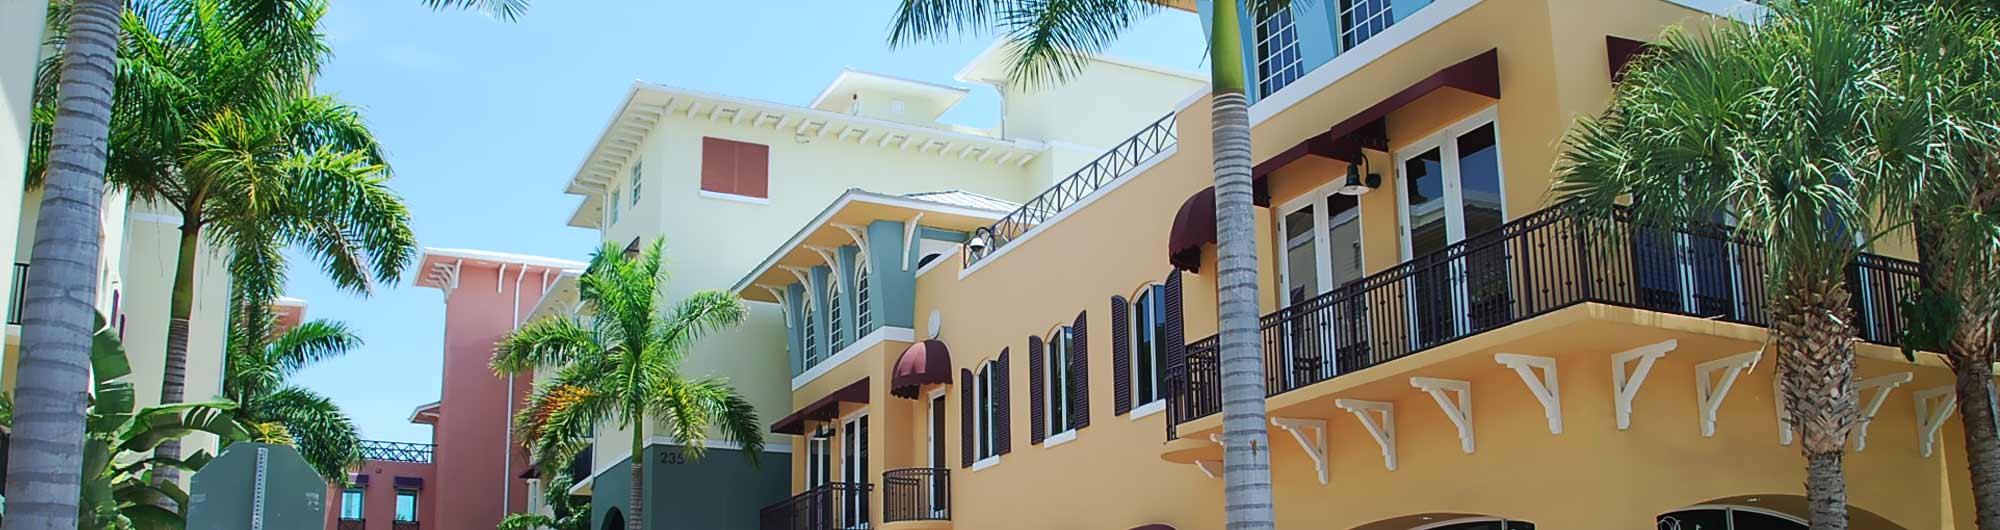 computer repair palm beach gardens. computer \u0026 laptop repair store in delray beach, fl palm beach gardens